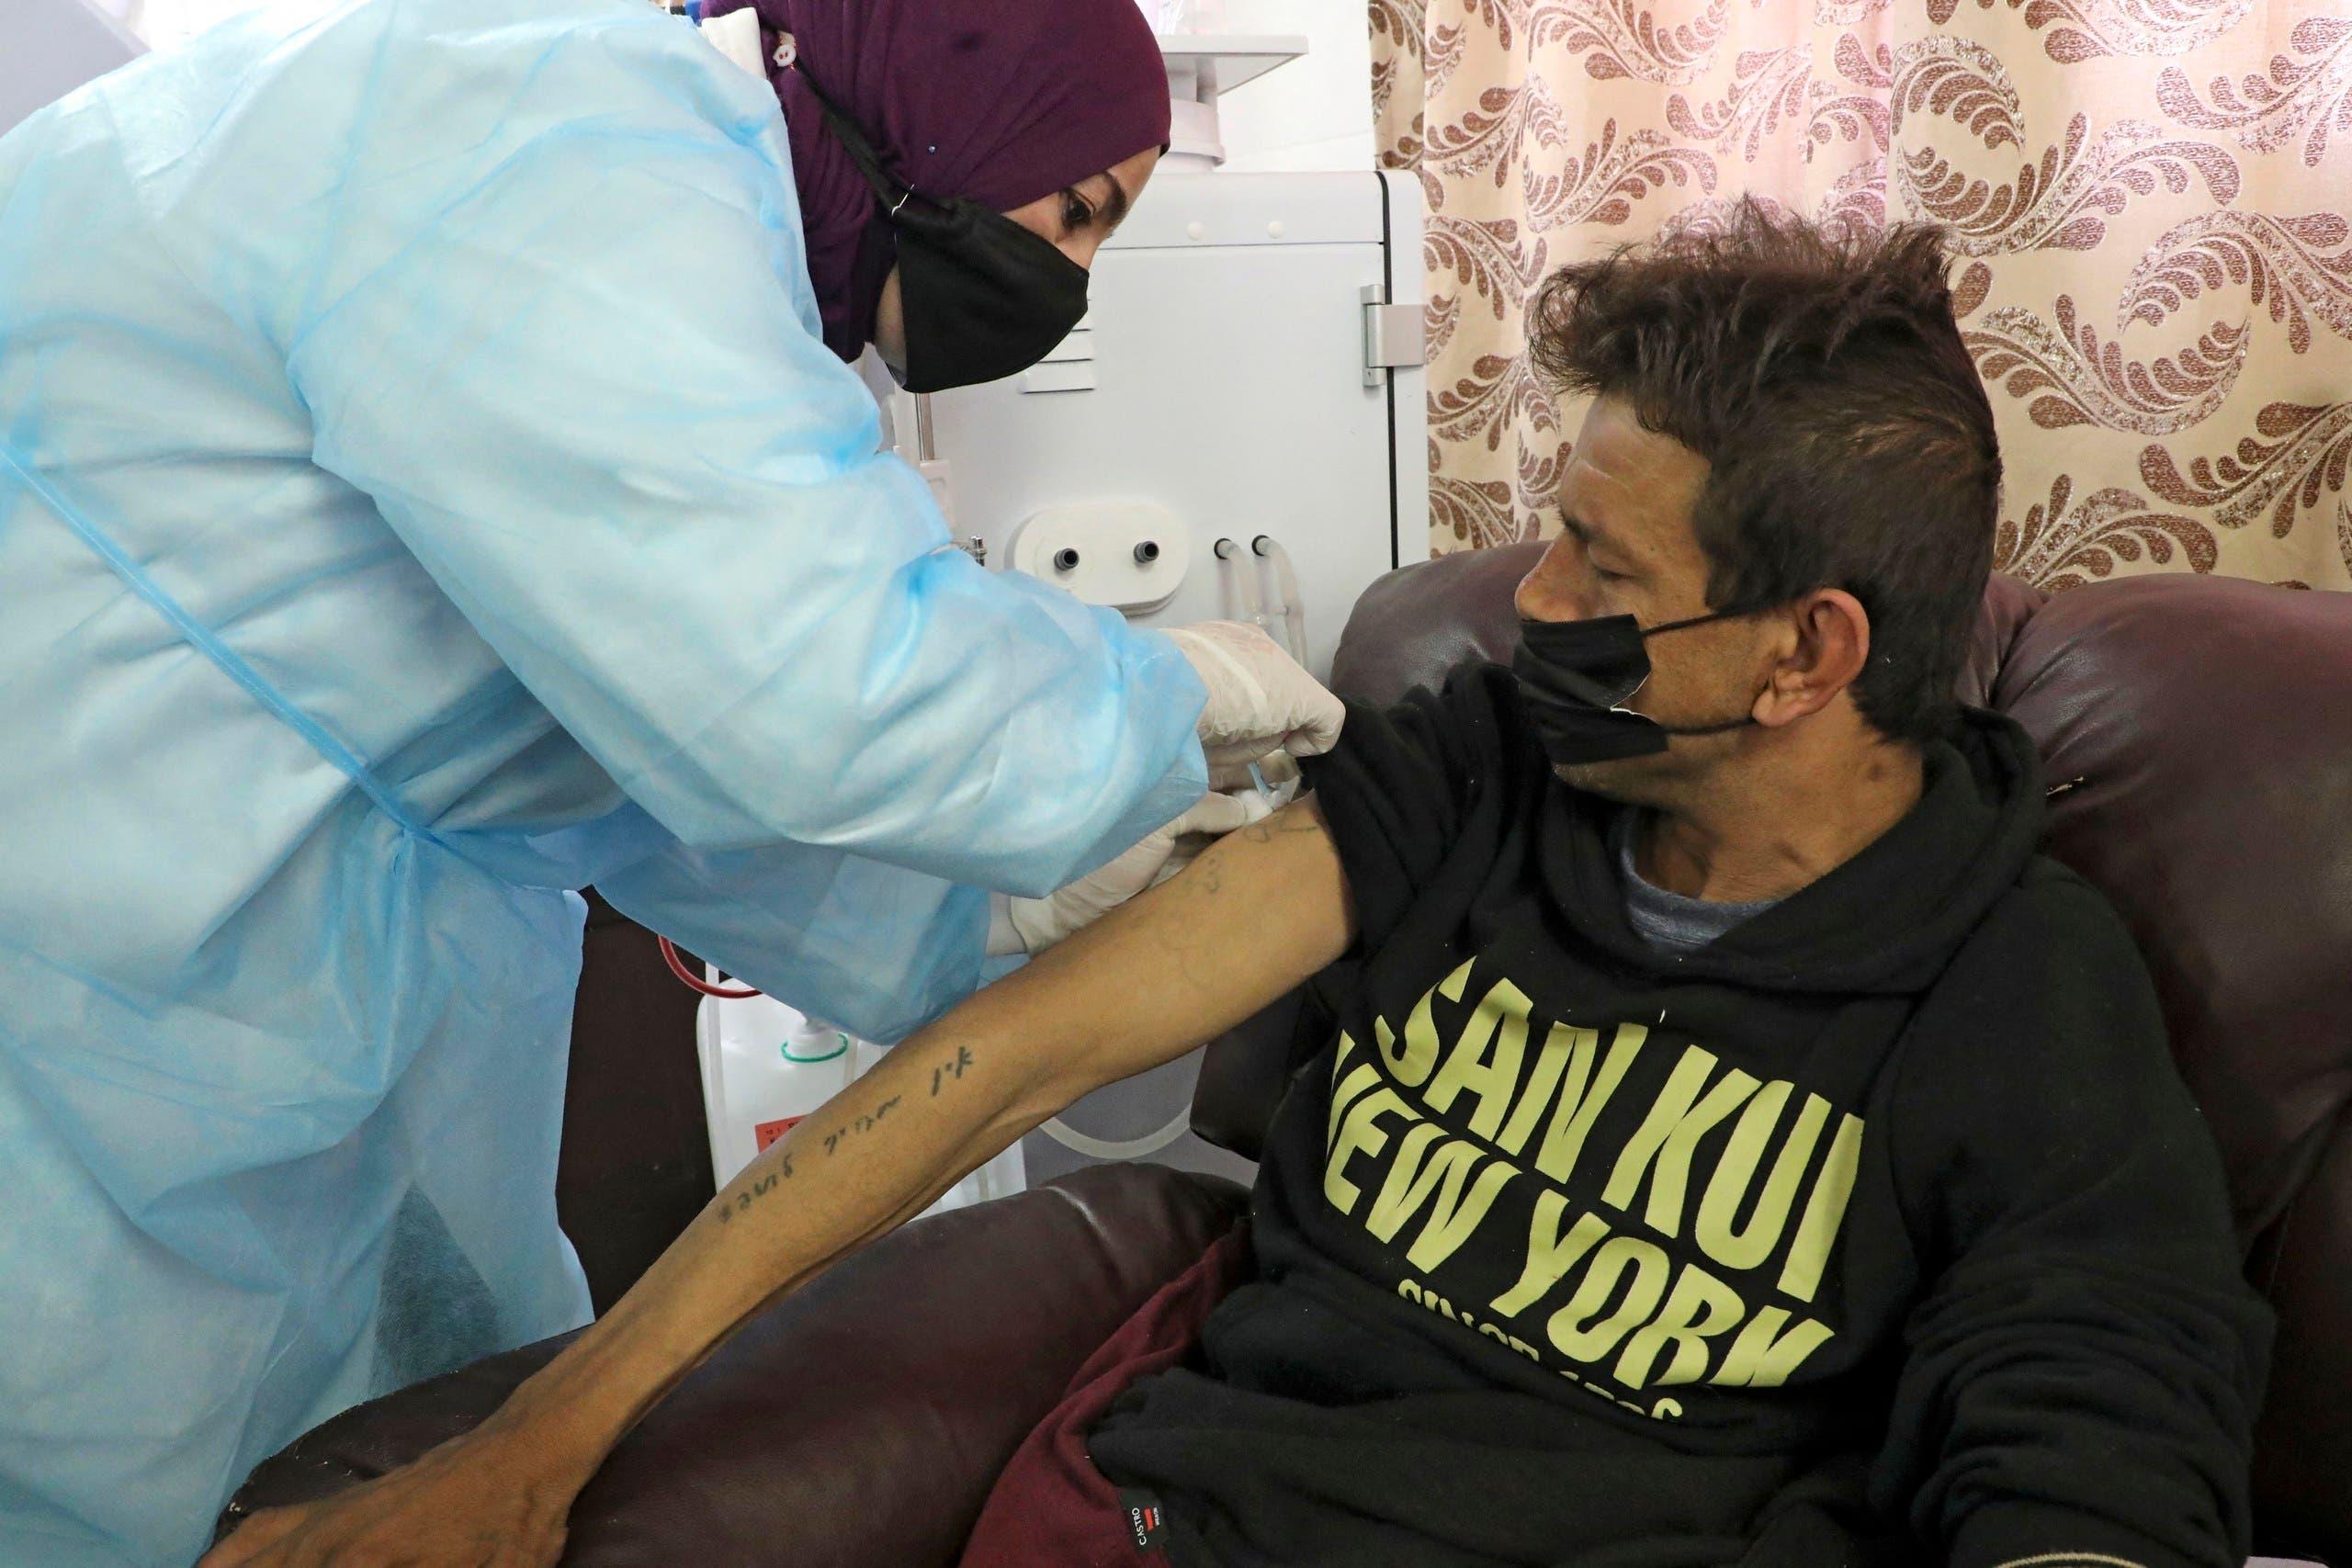 من حملة التطعيم الفلسطينية ضد كورونا